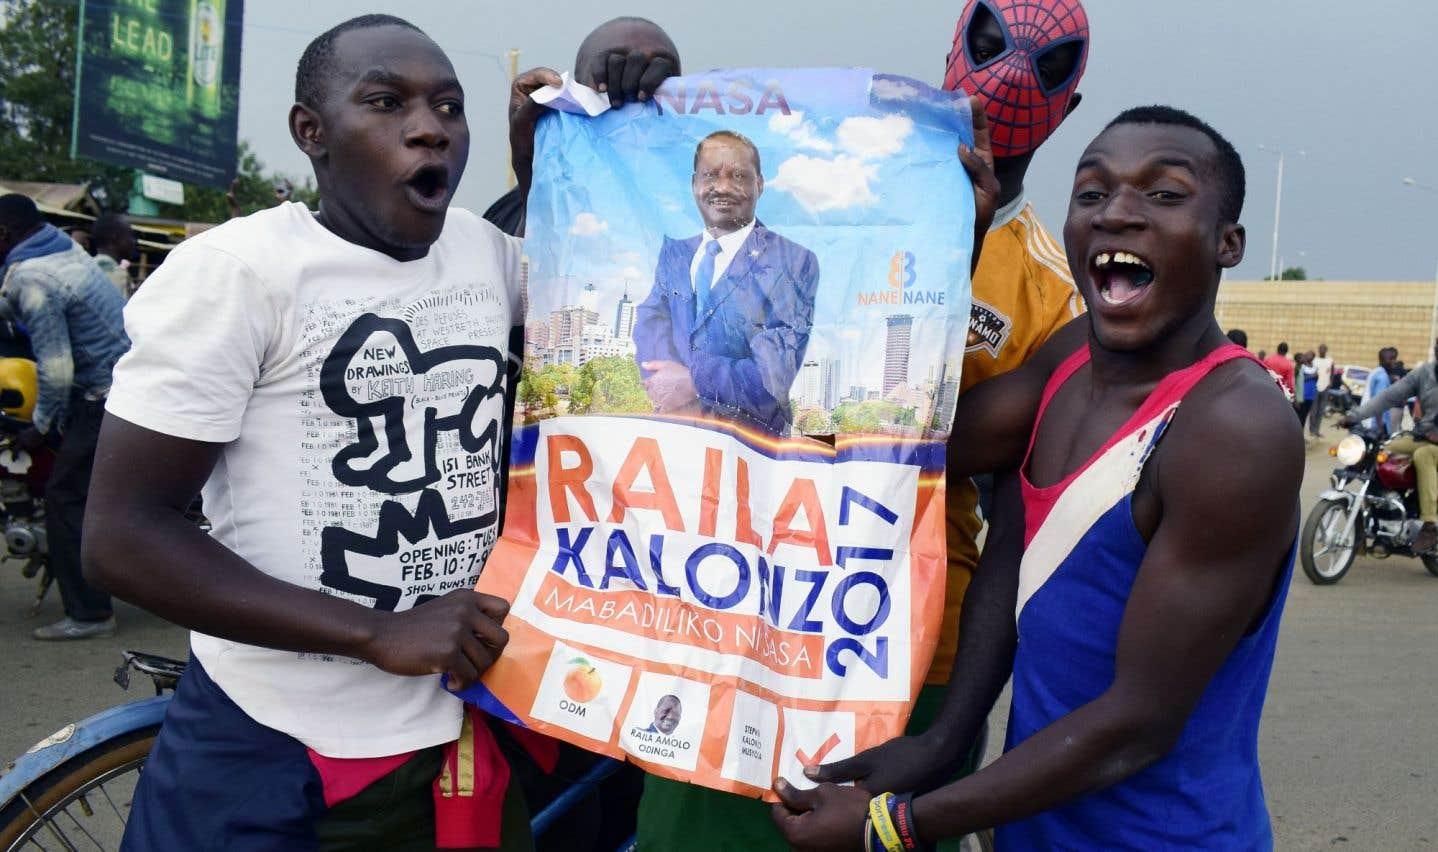 L'opposant Raila Odinga s'autoproclame vainqueur